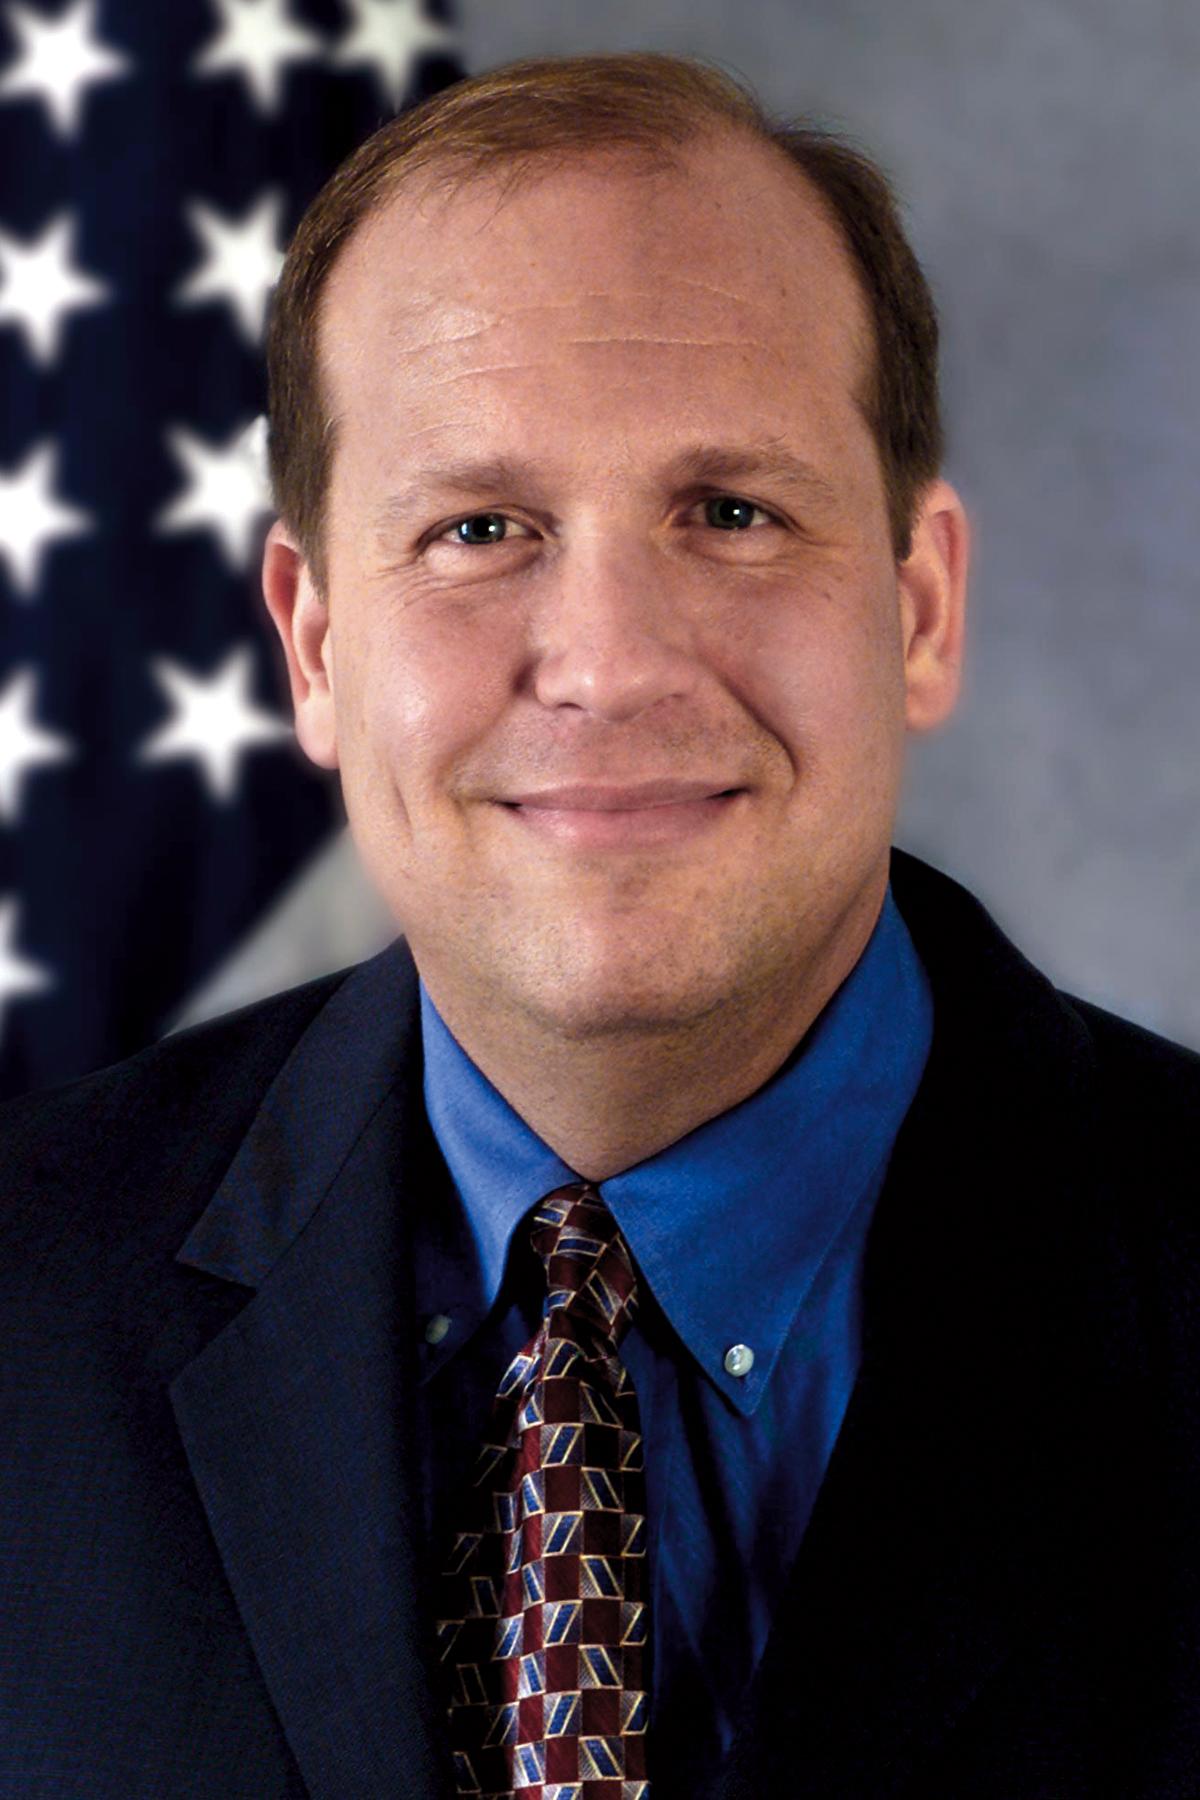 State Sen. Daylin Leach (D-Montgomery/Delaware)